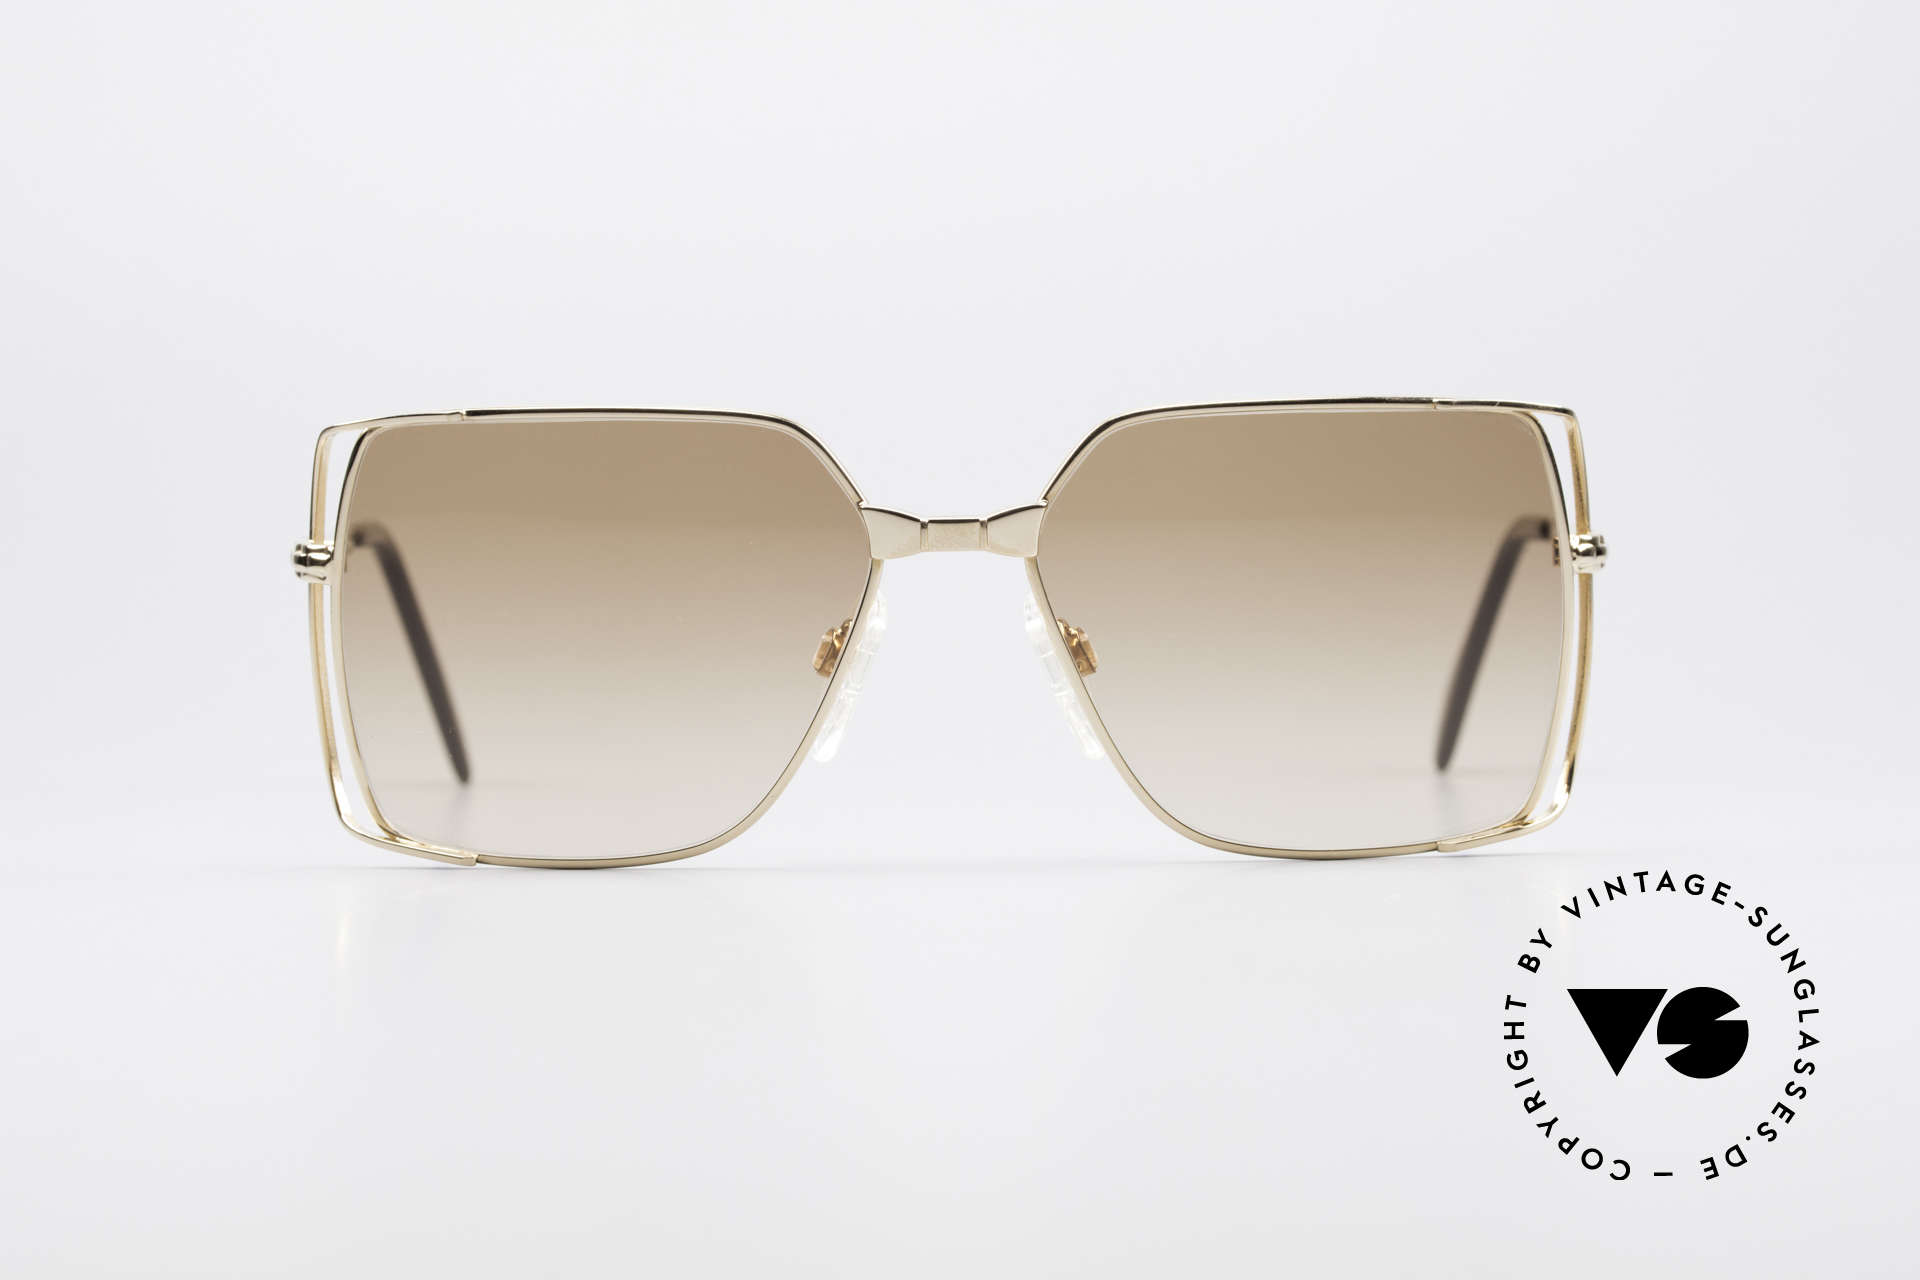 dbdb73c6dc Sonnenbrillen Neostyle Boutique 65 Eckige Vintage Sonnenbrille ...